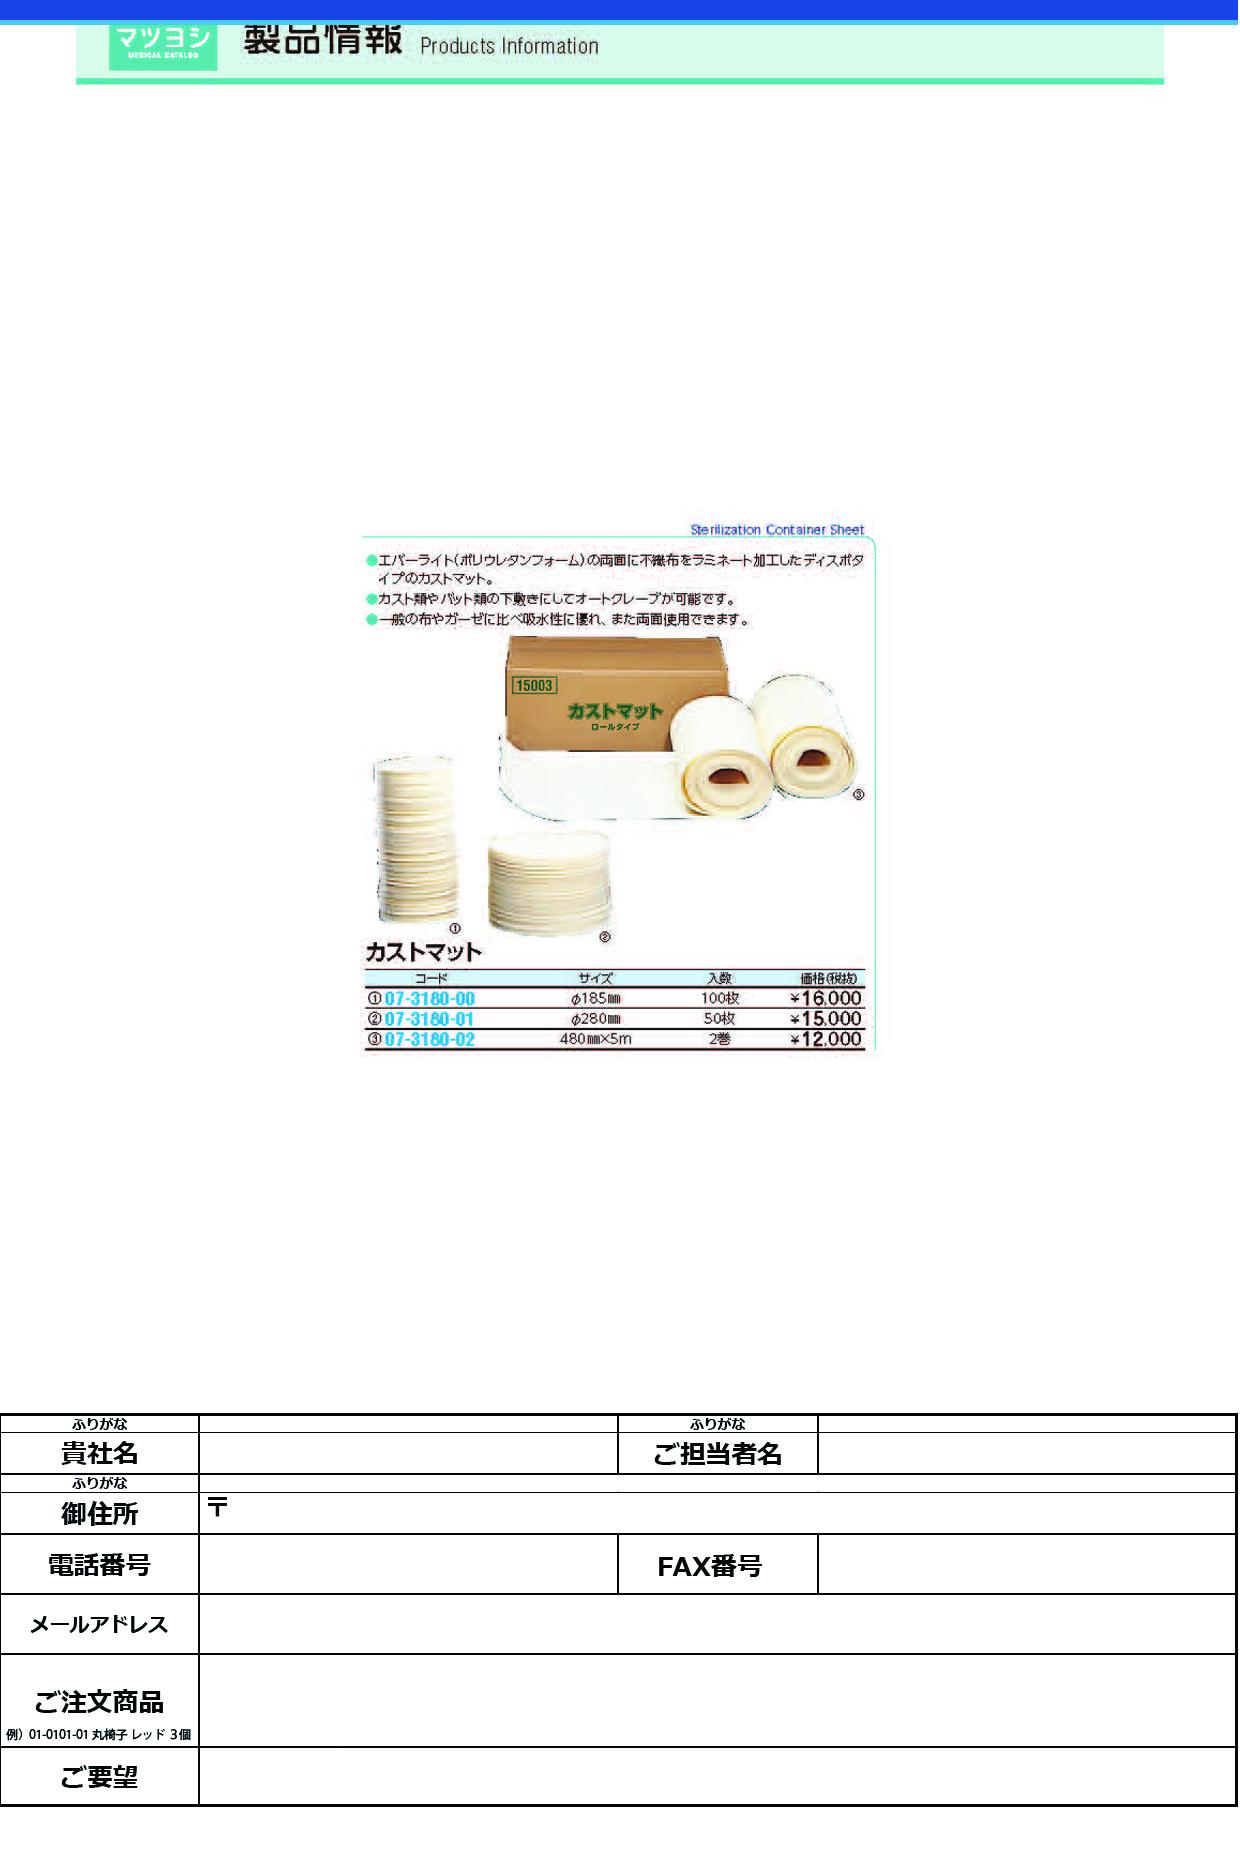 (07-3180-00)カストマット 185MM(100マイイリ) カストマット【1箱単位】【2019年カタログ商品】